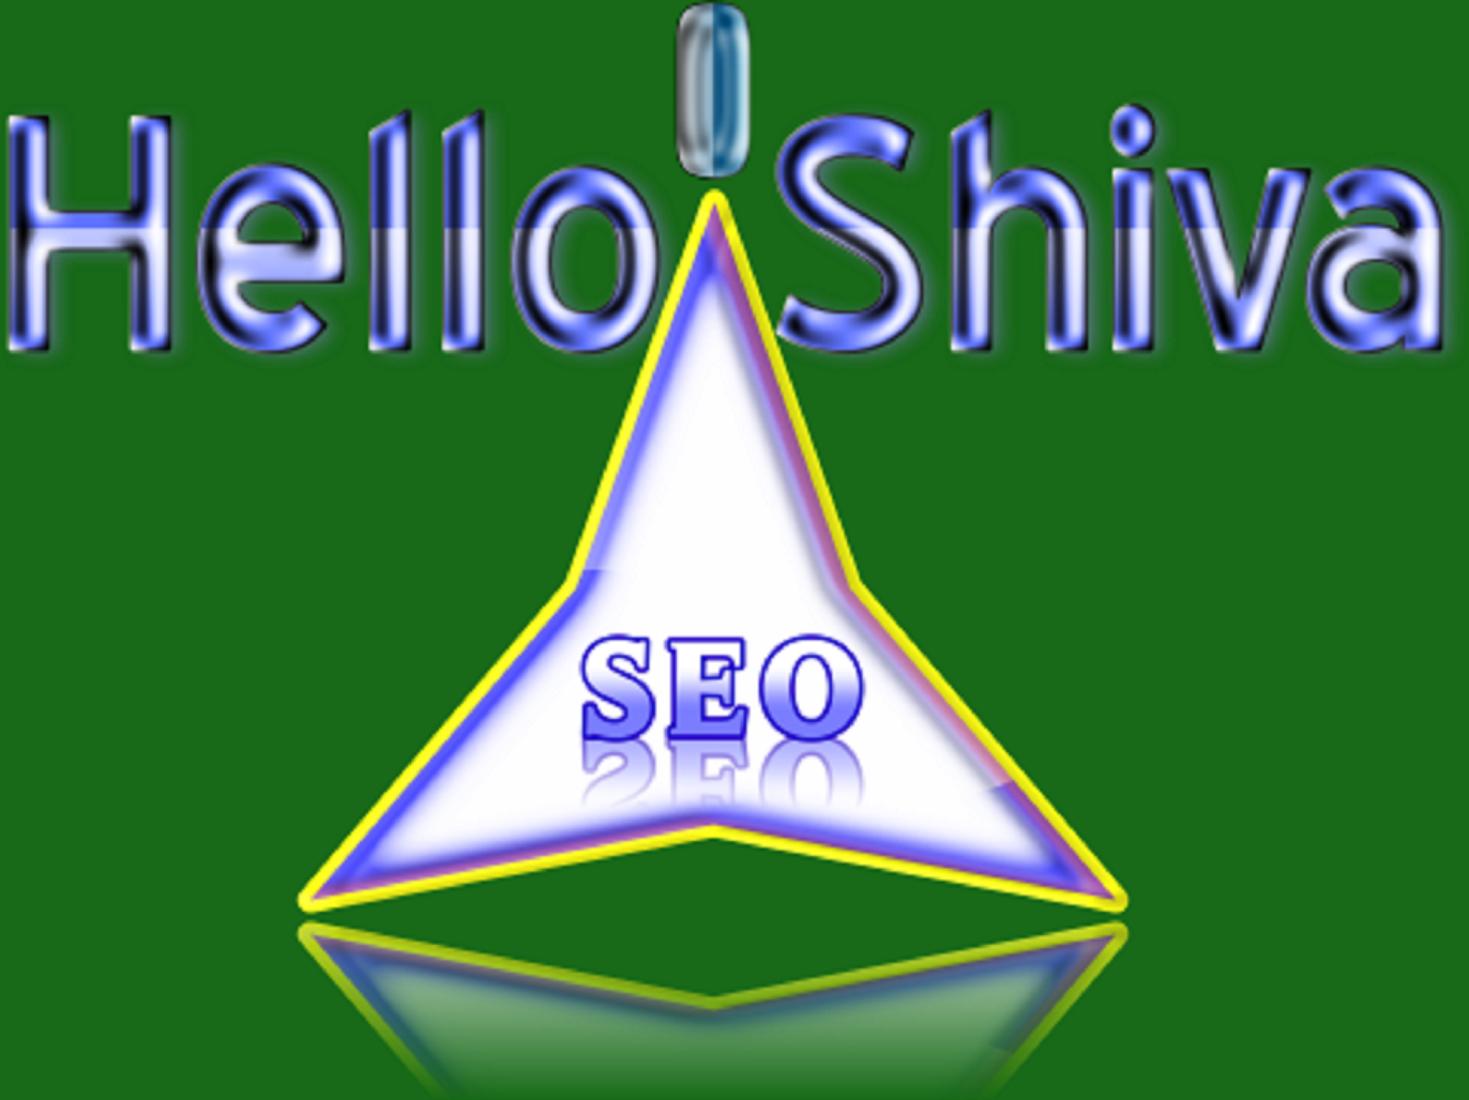 HelloShiva Seo